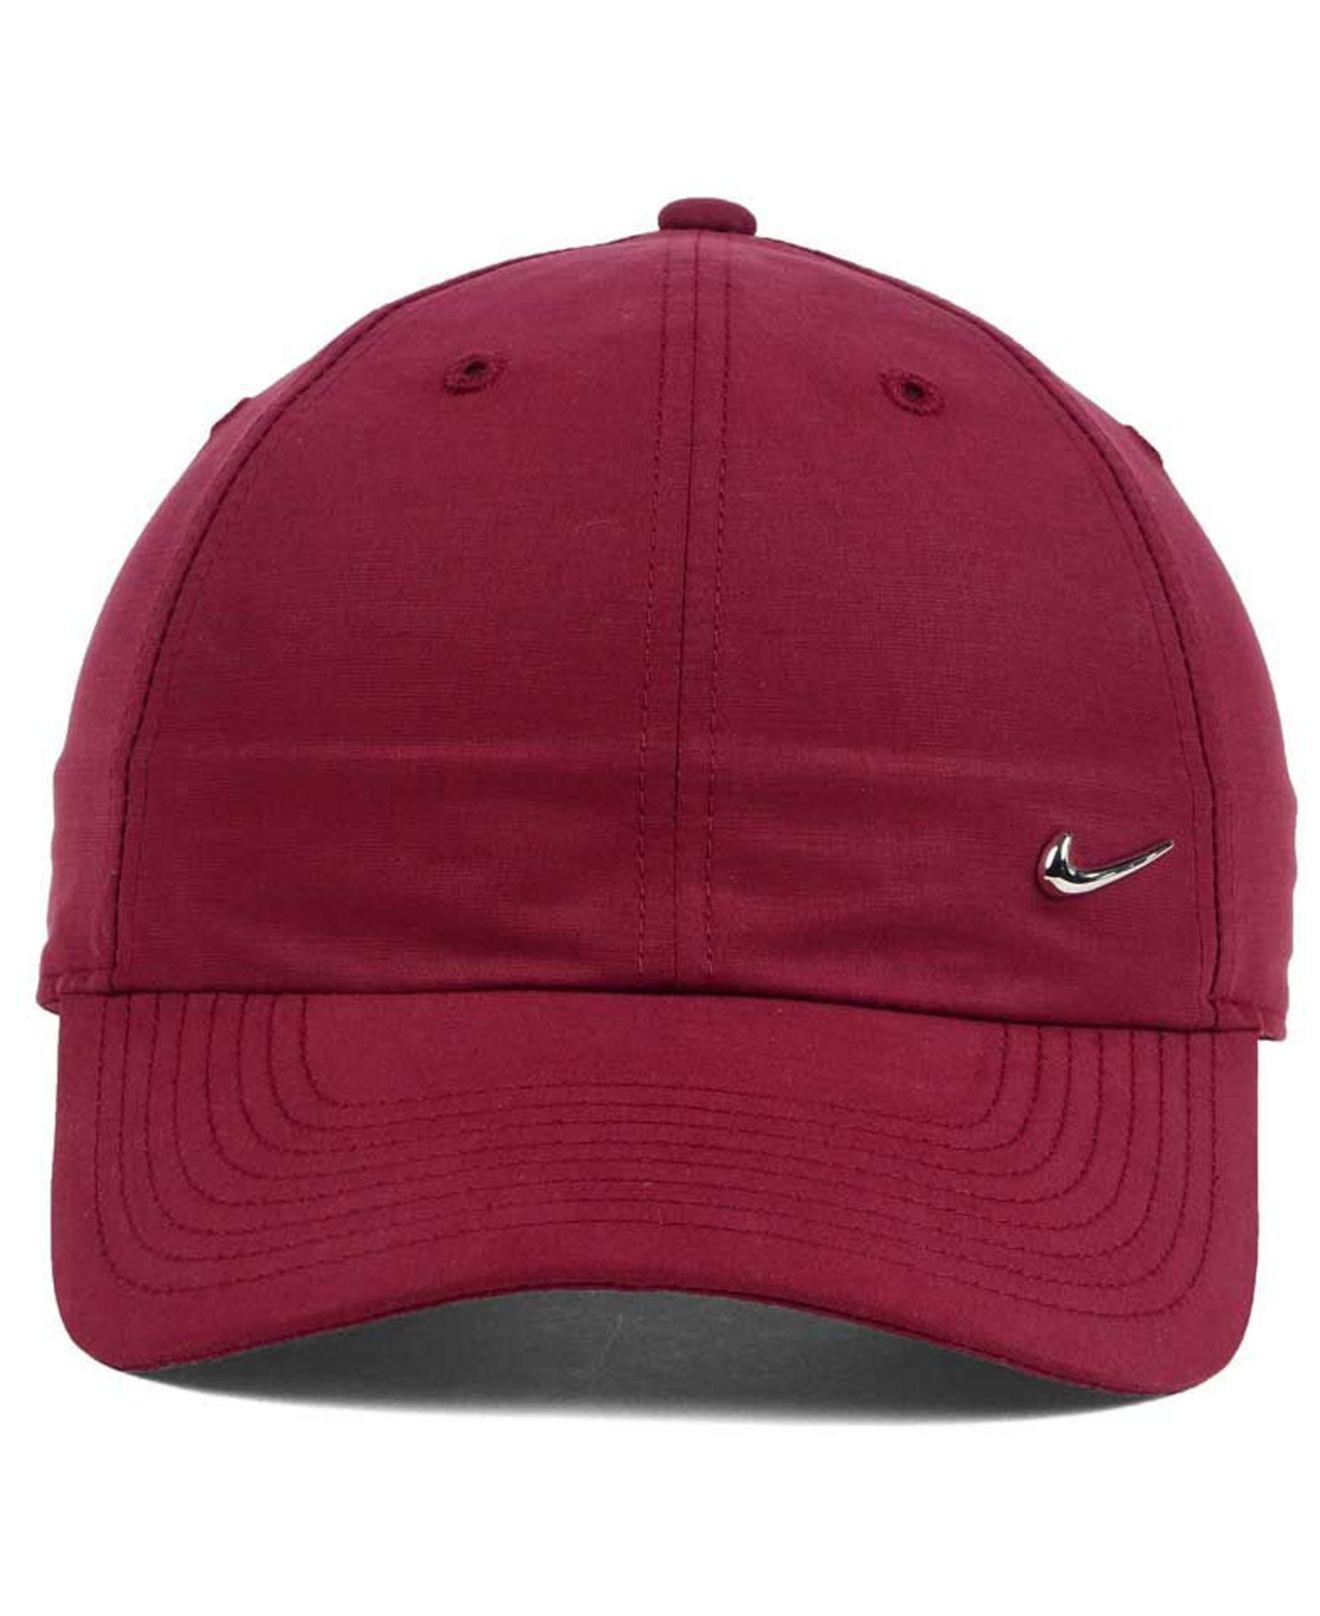 151352e4433 Lyst - Nike Metal Swoosh Cap in Red for Men